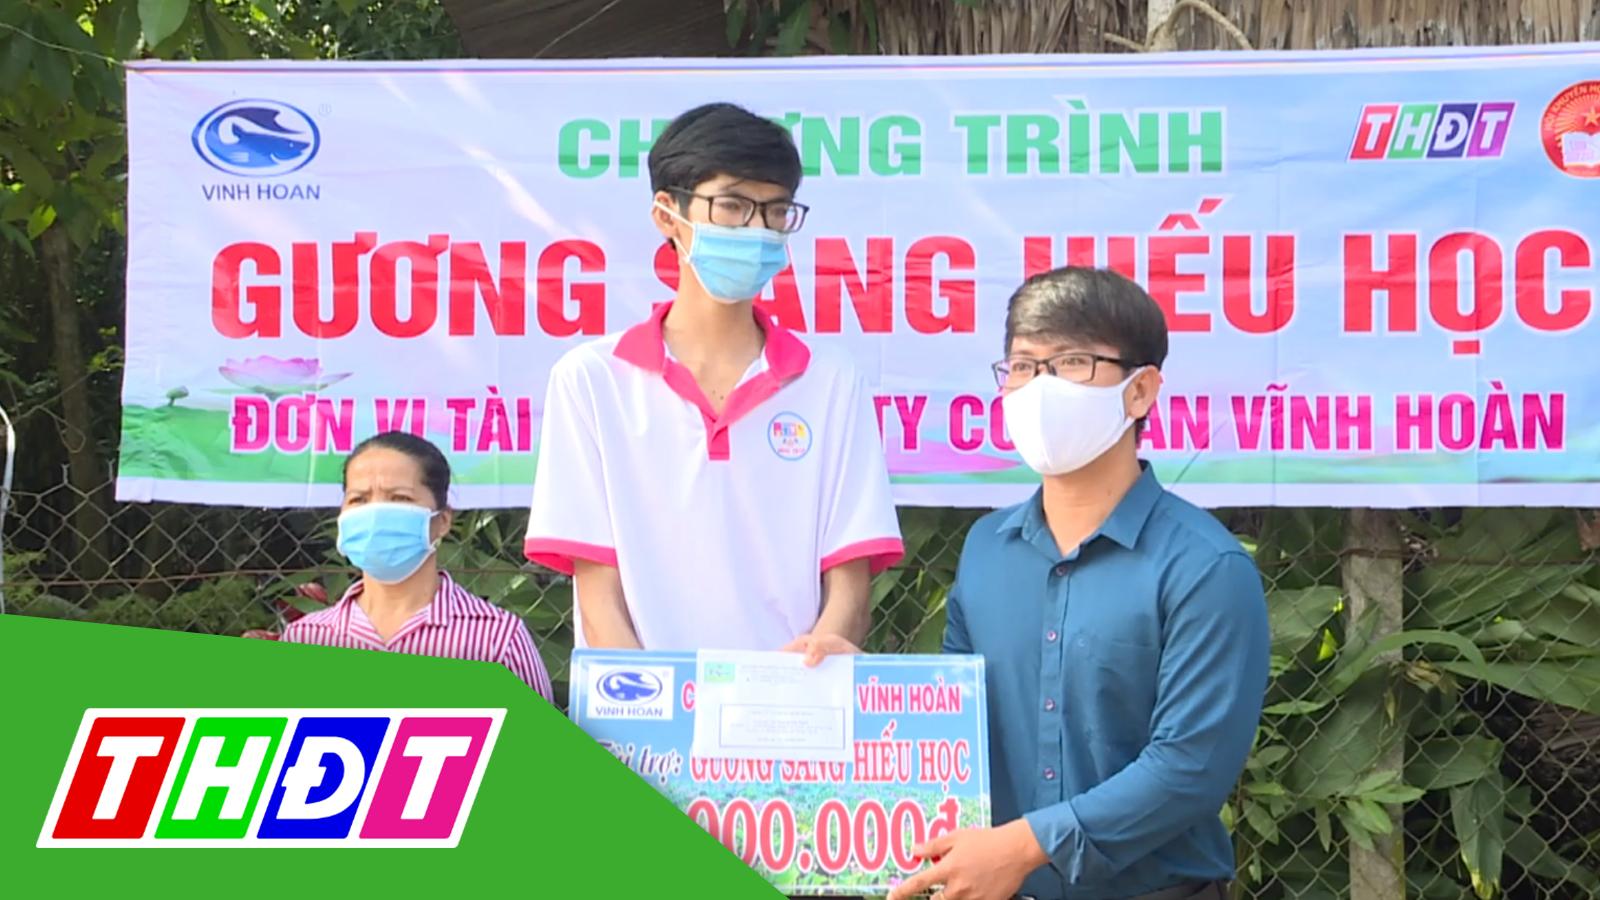 Gương sáng hiếu học - 27/10/2020: Sinh viên Giảng Thị Thùy Trang